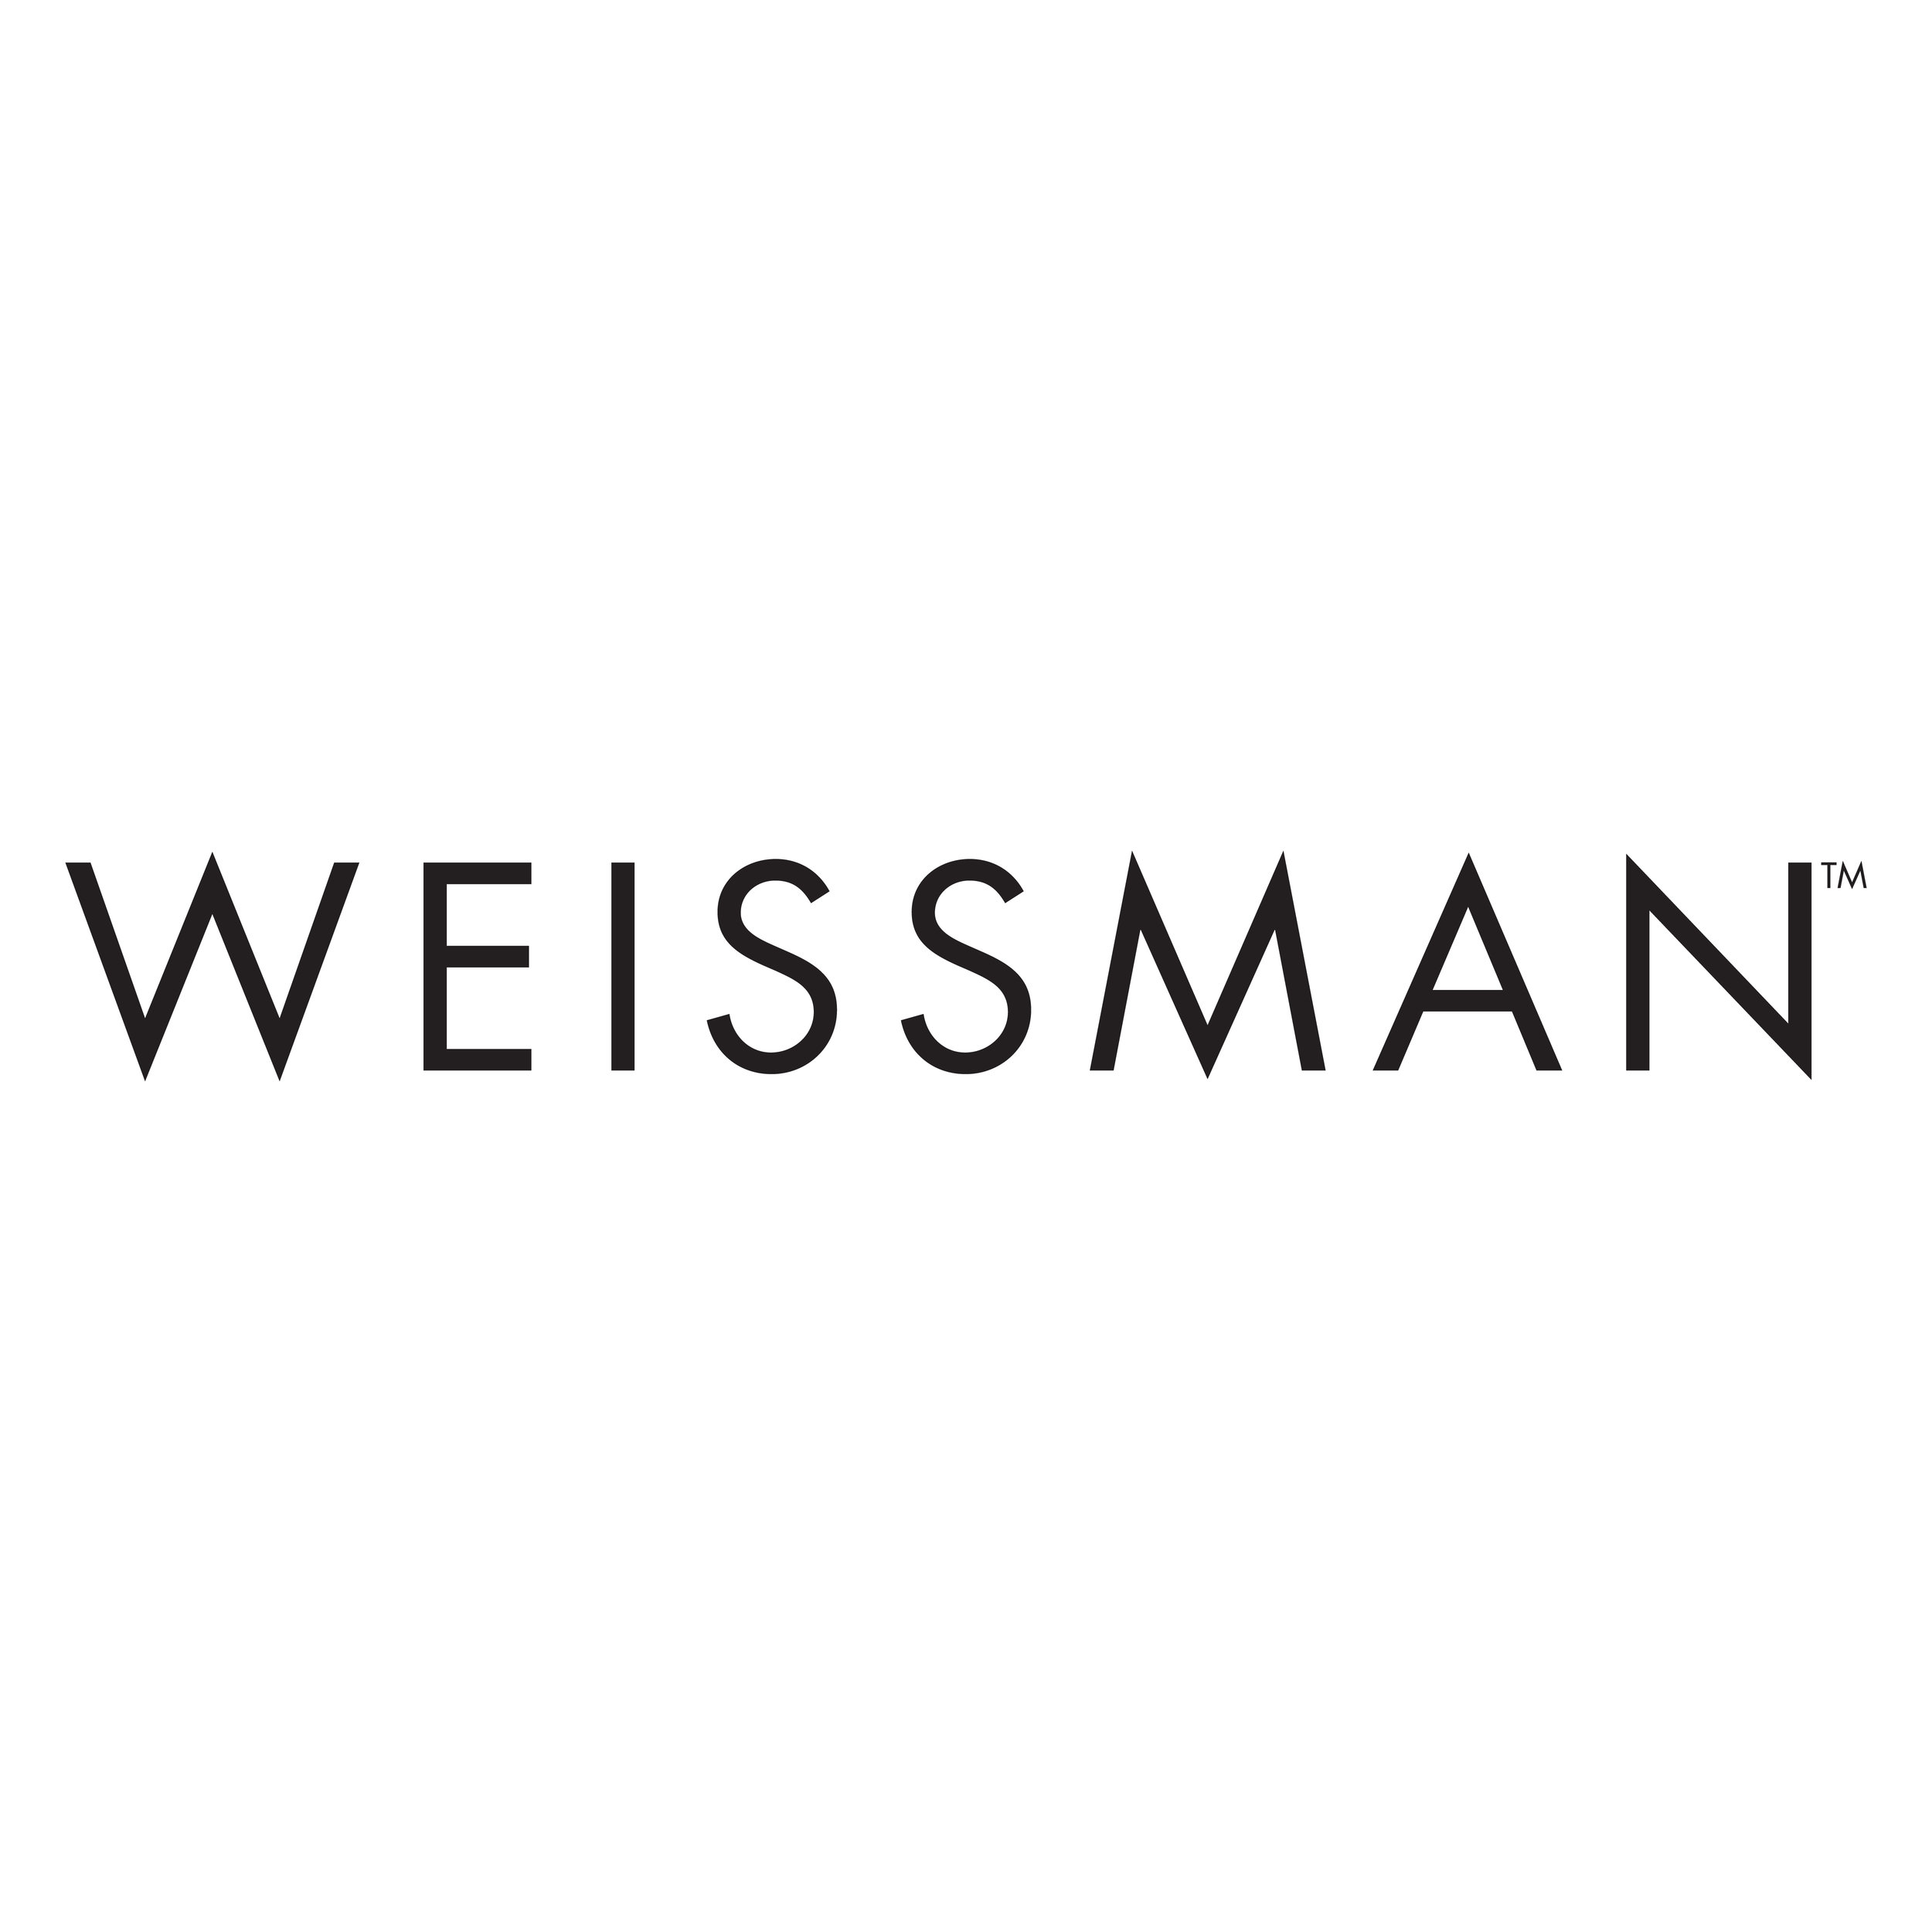 weissman-01.jpg